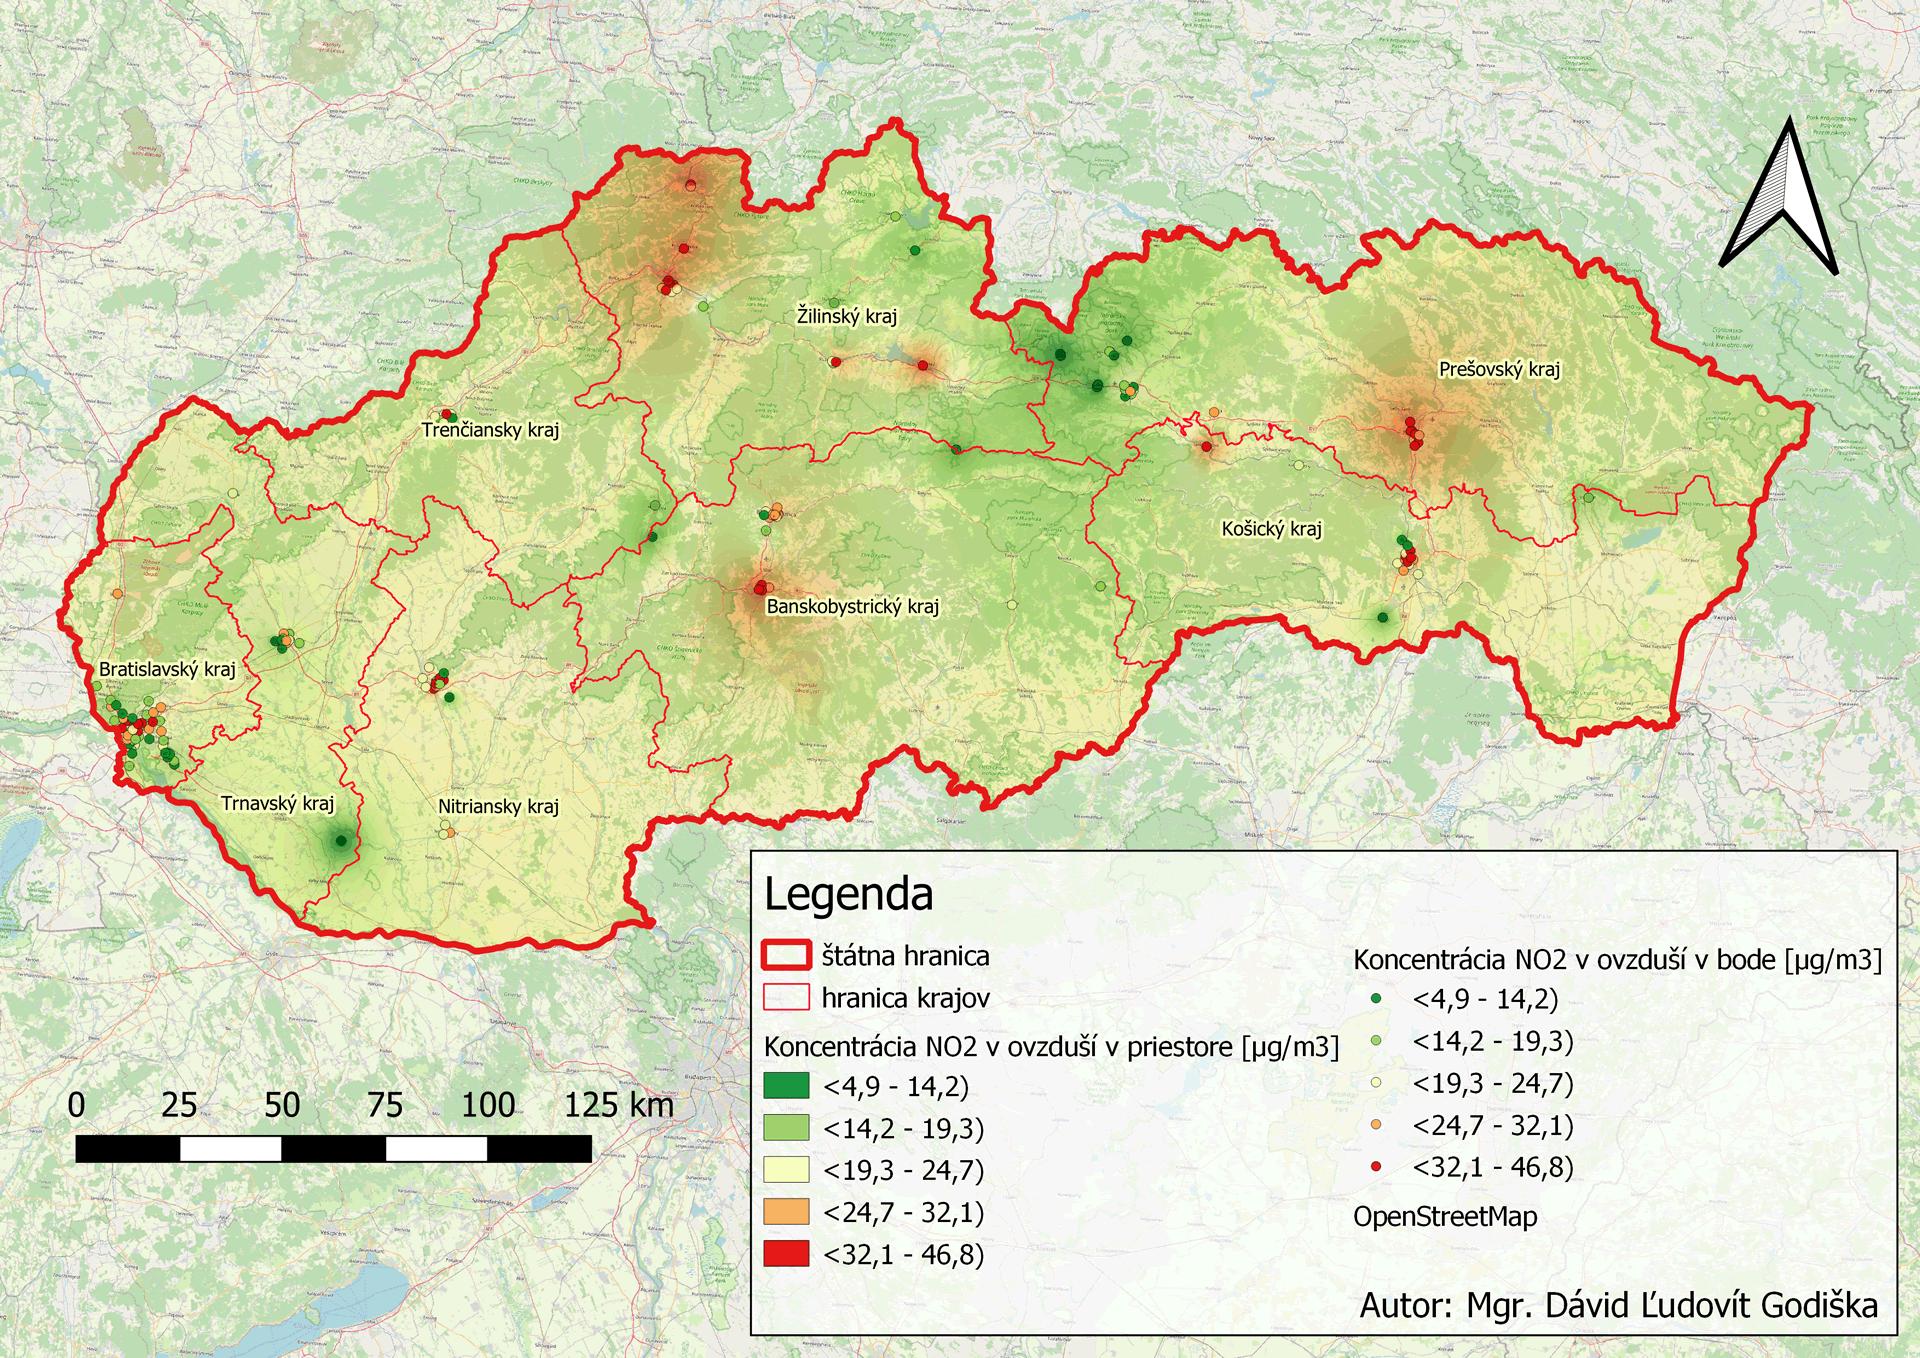 mapa-no2-zvedave-nosy-slovensko